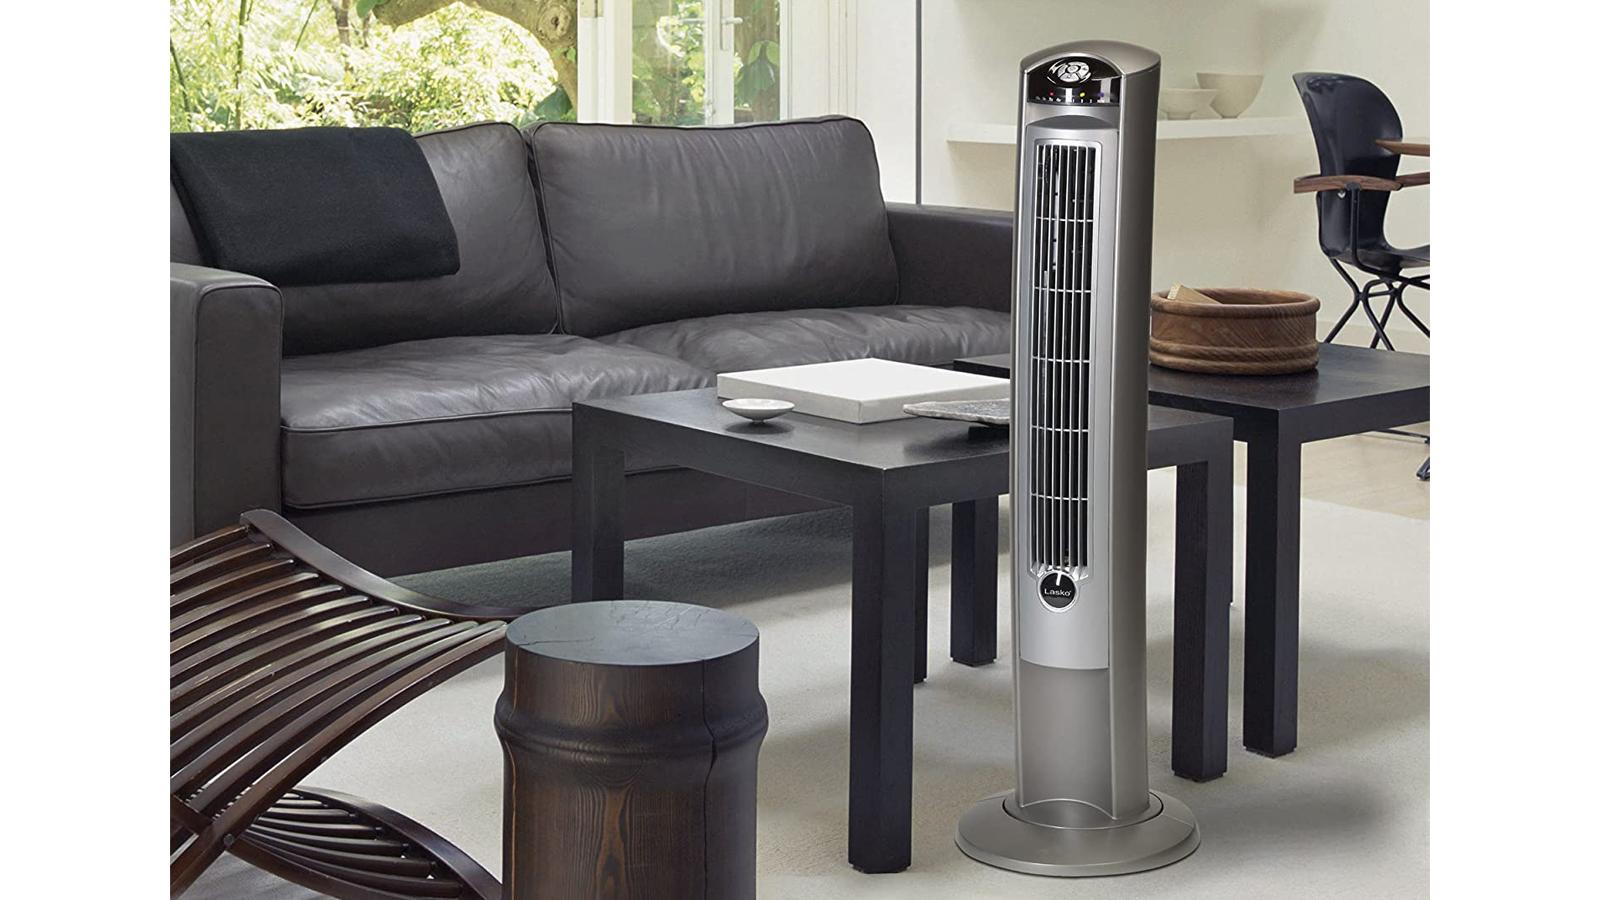 Lasko tower fan in modern living room